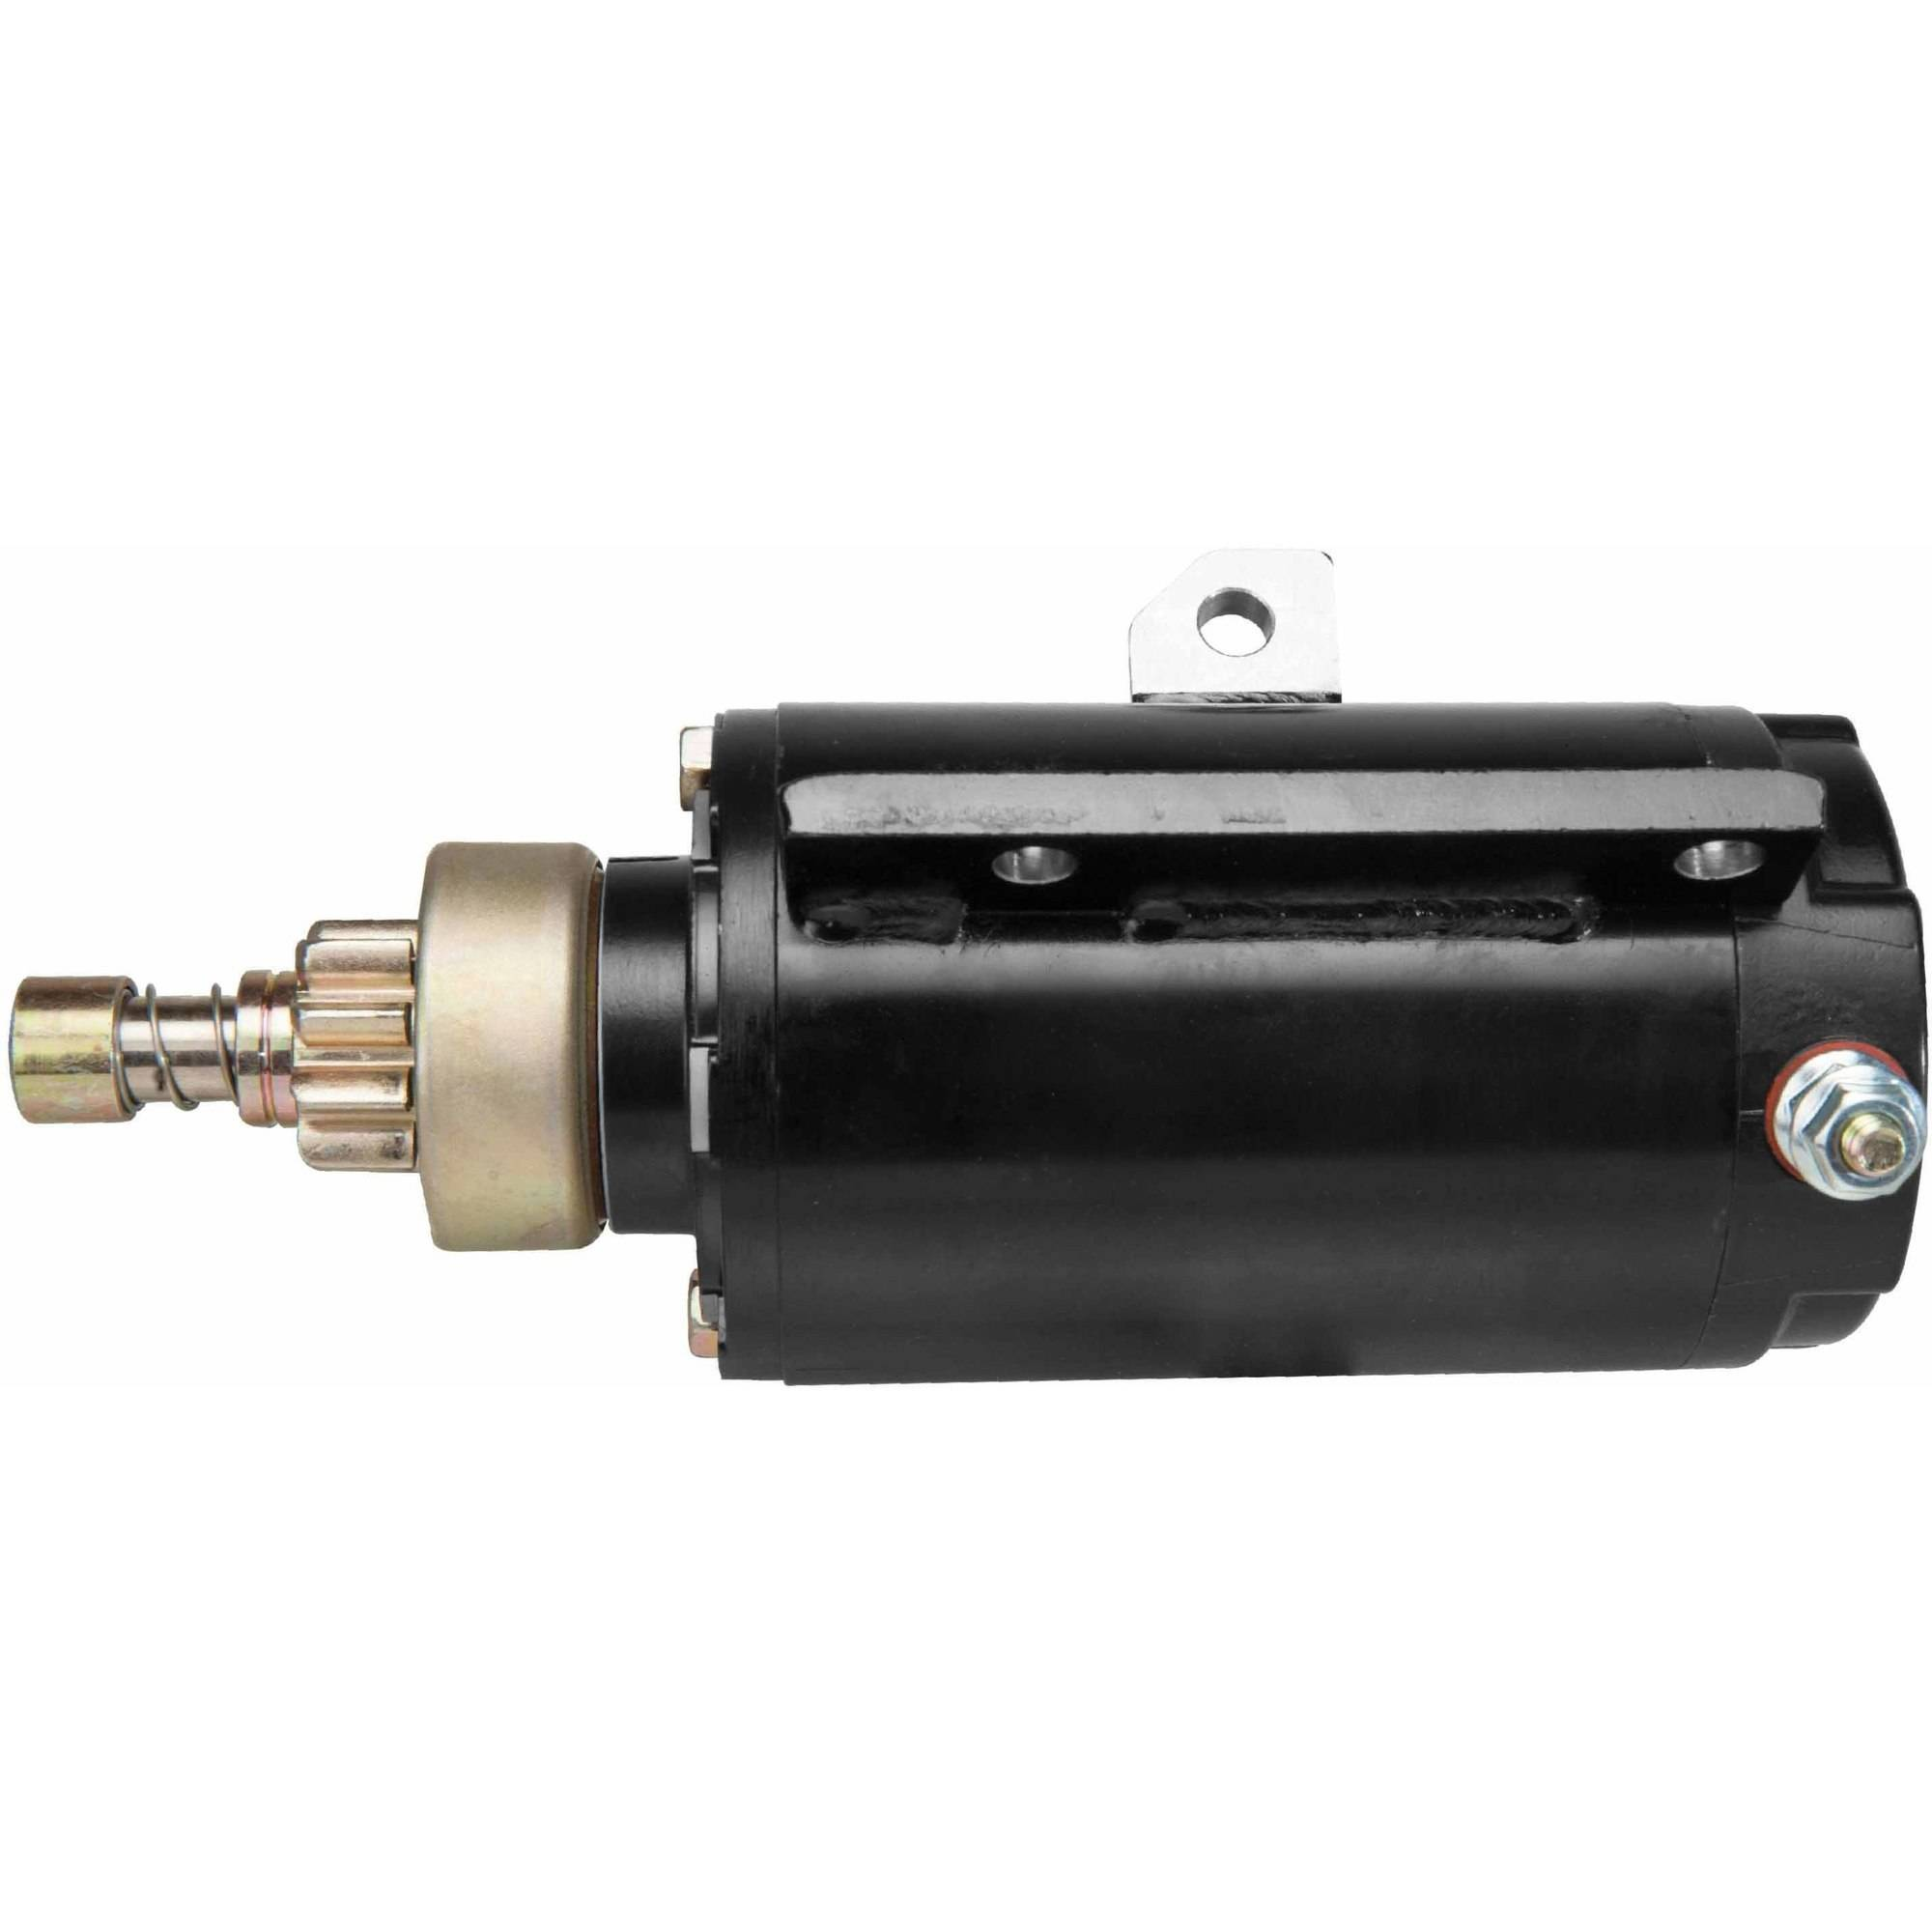 Sierra 18-6826 Evinrude/Johnson Starter, 40-90 E-Tec Engines